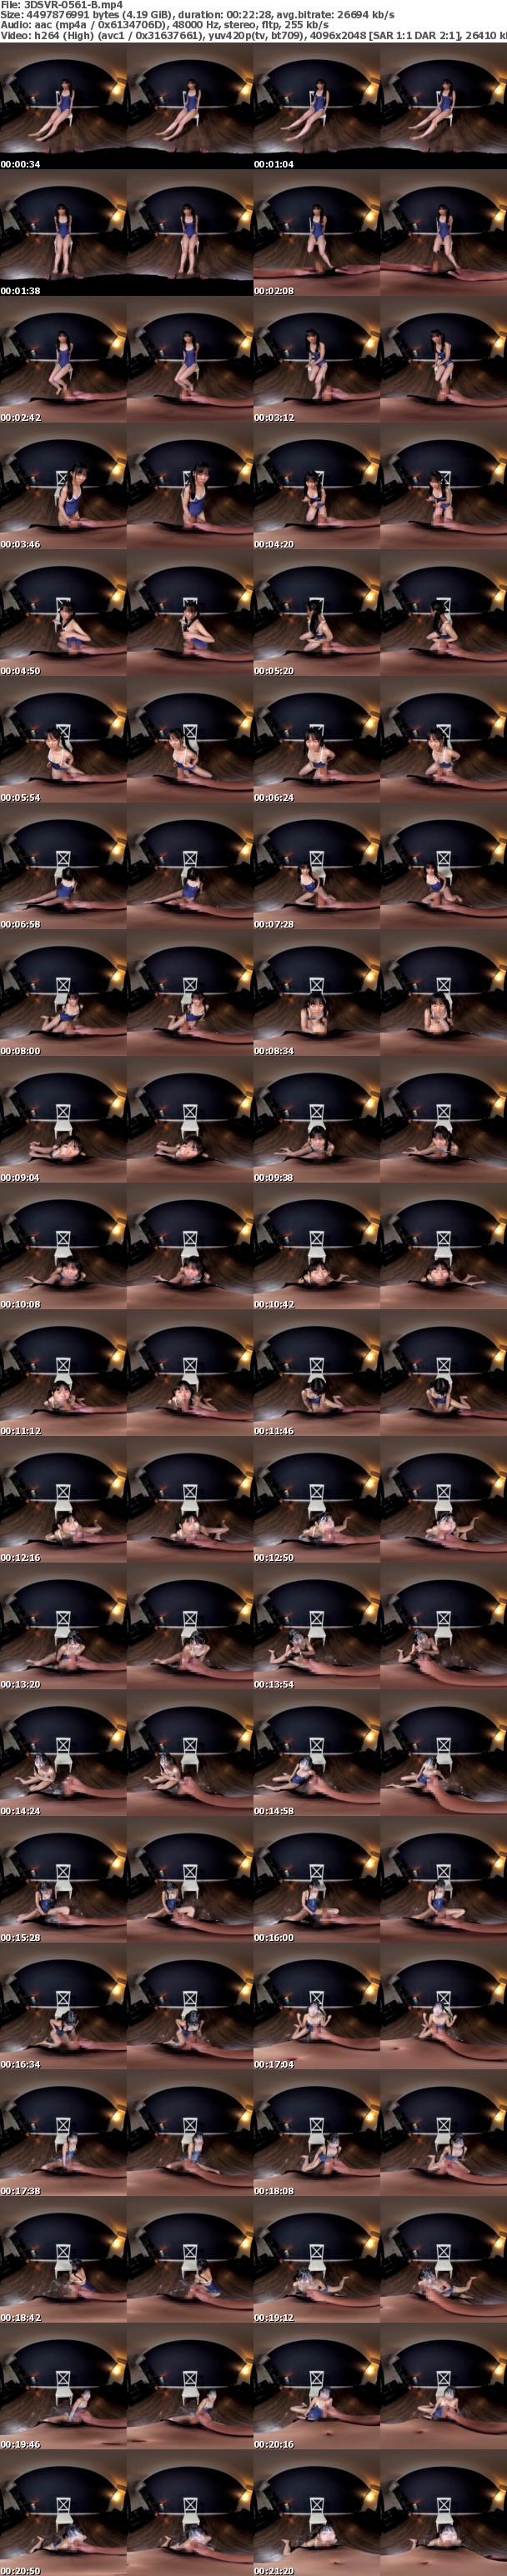 (VR) 3DSVR-0561 無限大量全身ぶっかけ地獄! 【こんなVRが見たい!祭 2019年】